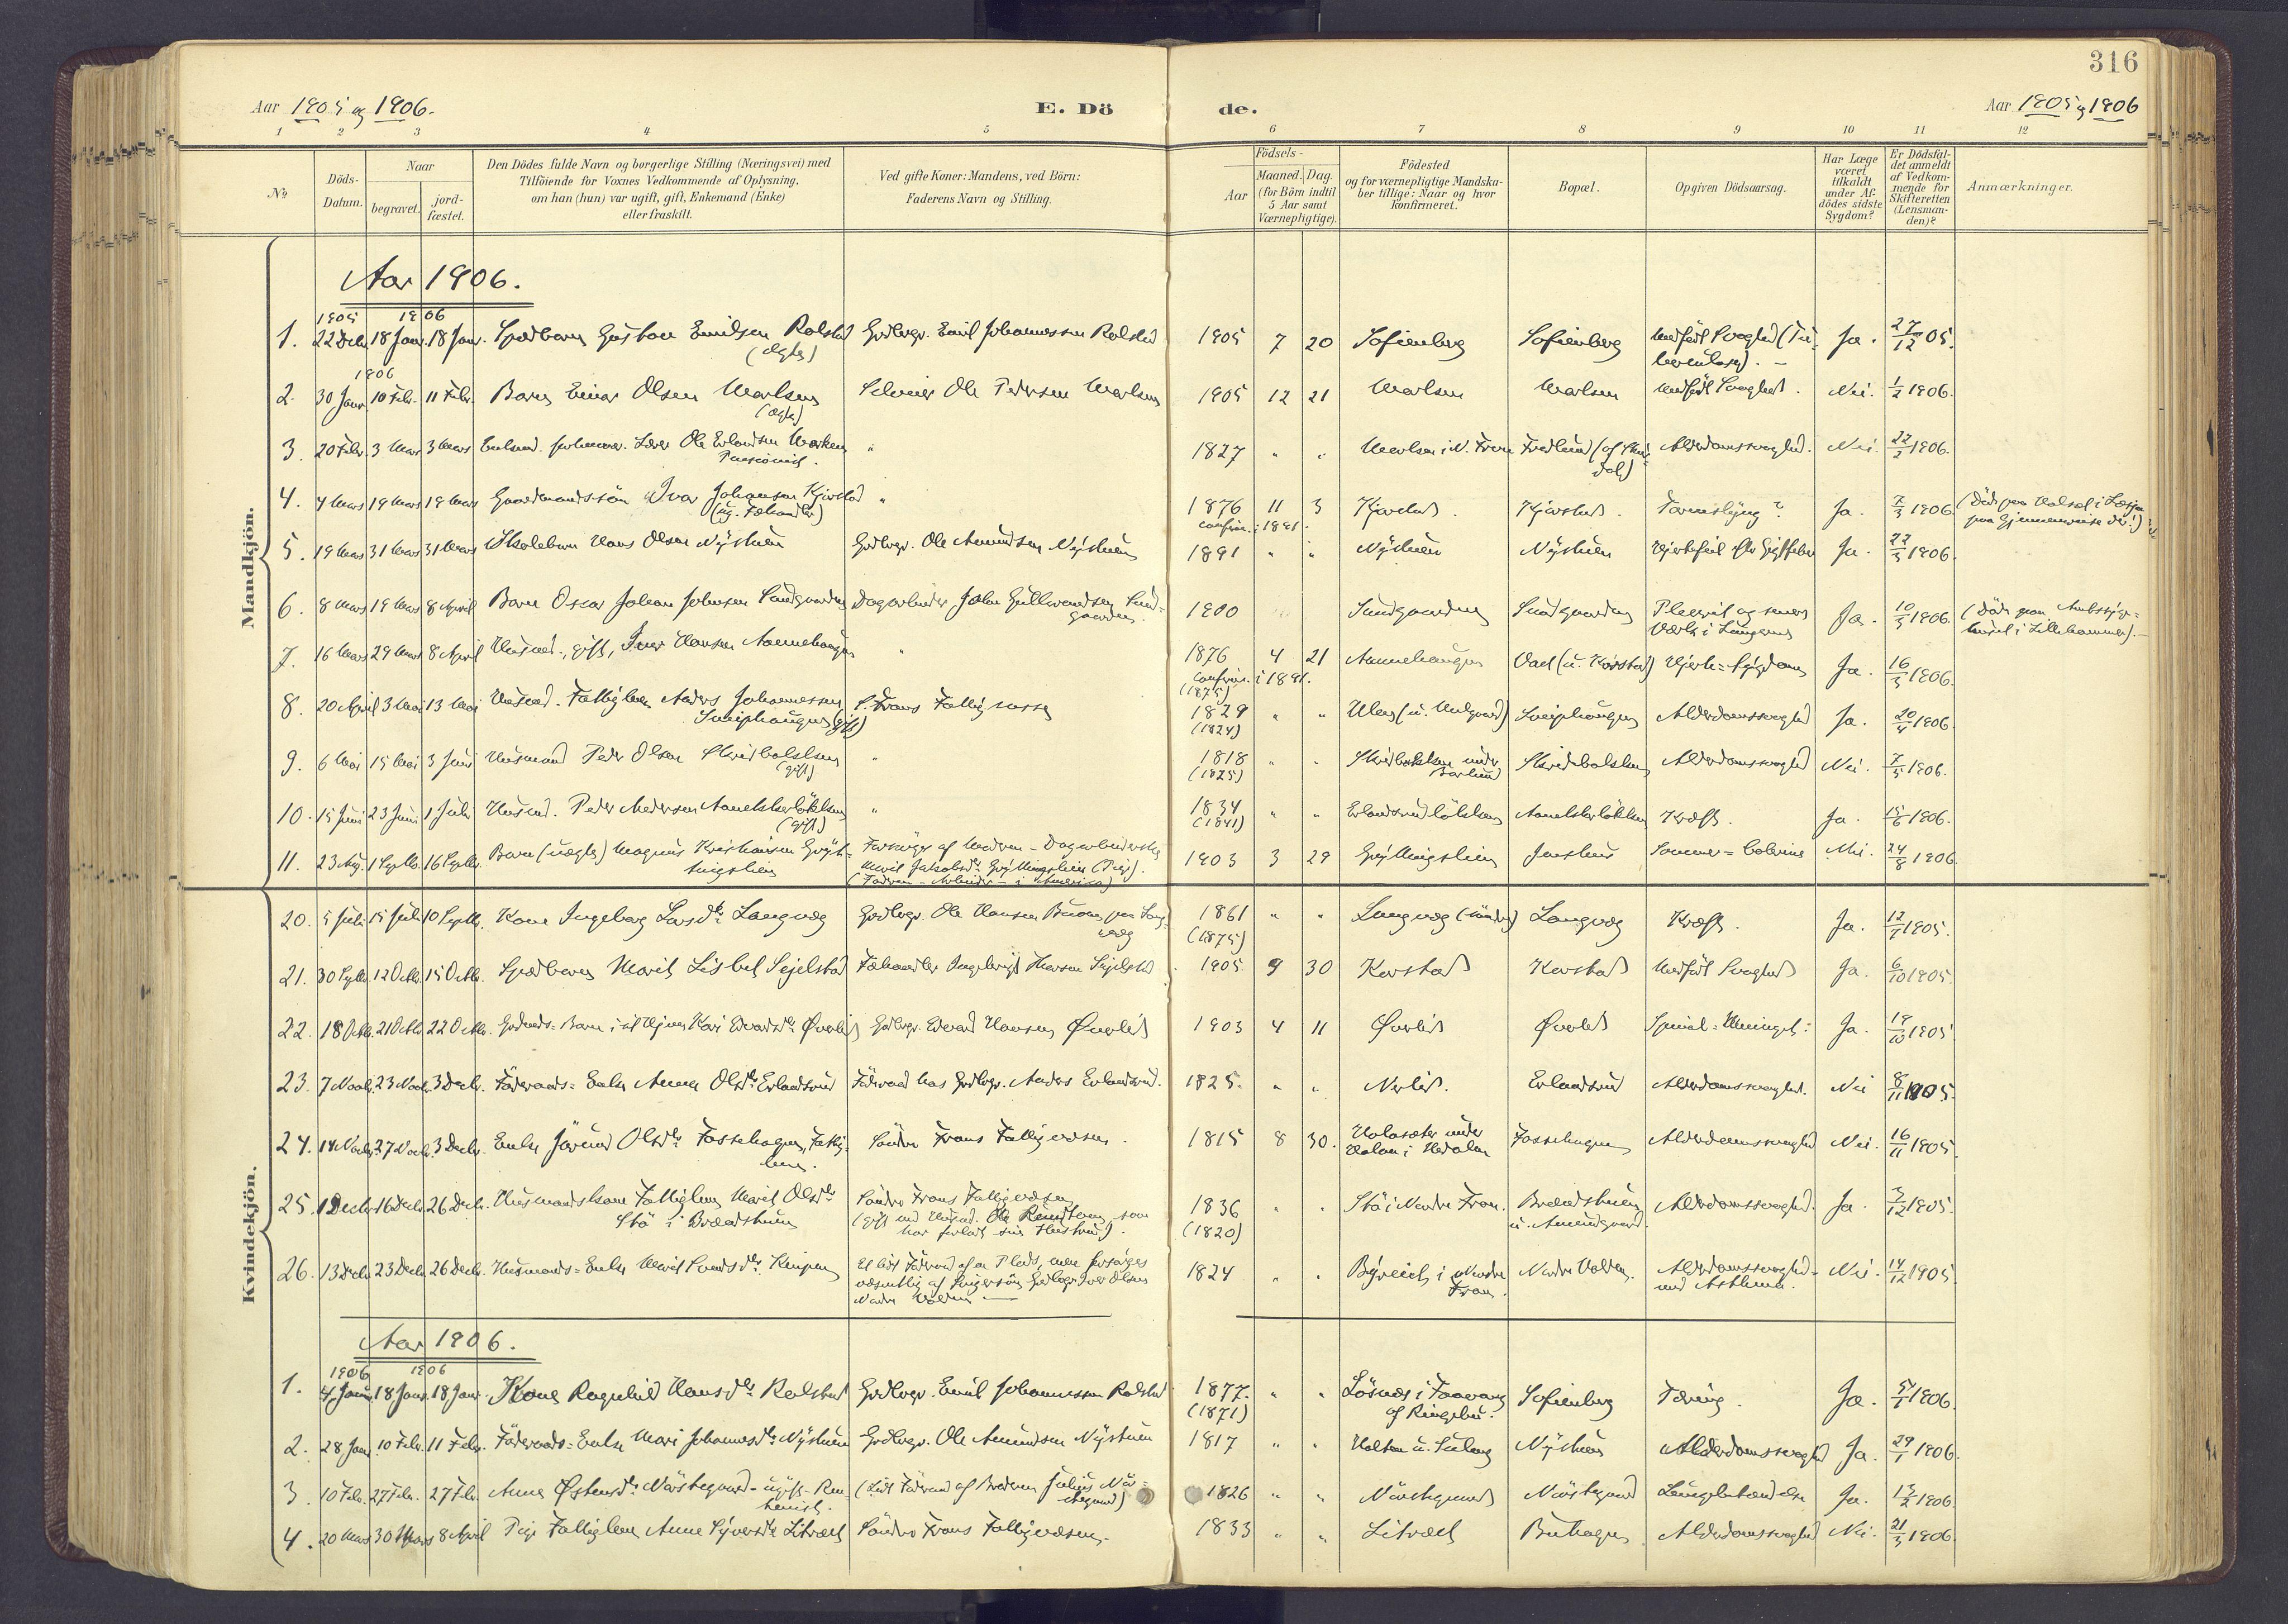 SAH, Sør-Fron prestekontor, H/Ha/Haa/L0004: Ministerialbok nr. 4, 1898-1919, s. 316